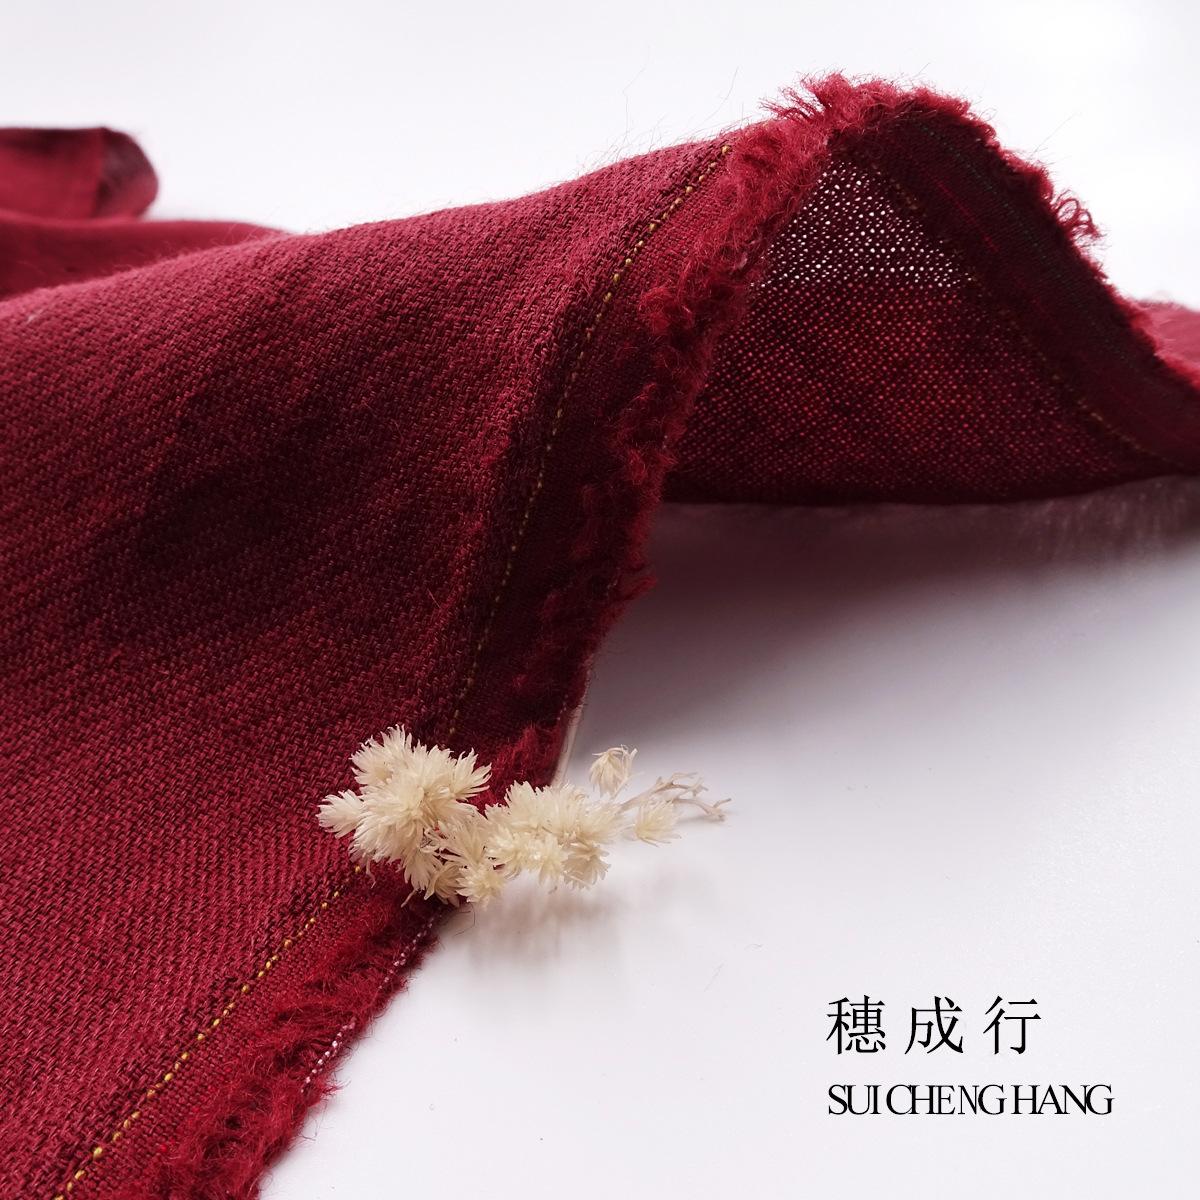 穗成行GL1041 纯苎麻 高档男女上衣衬衫苎麻染色面料